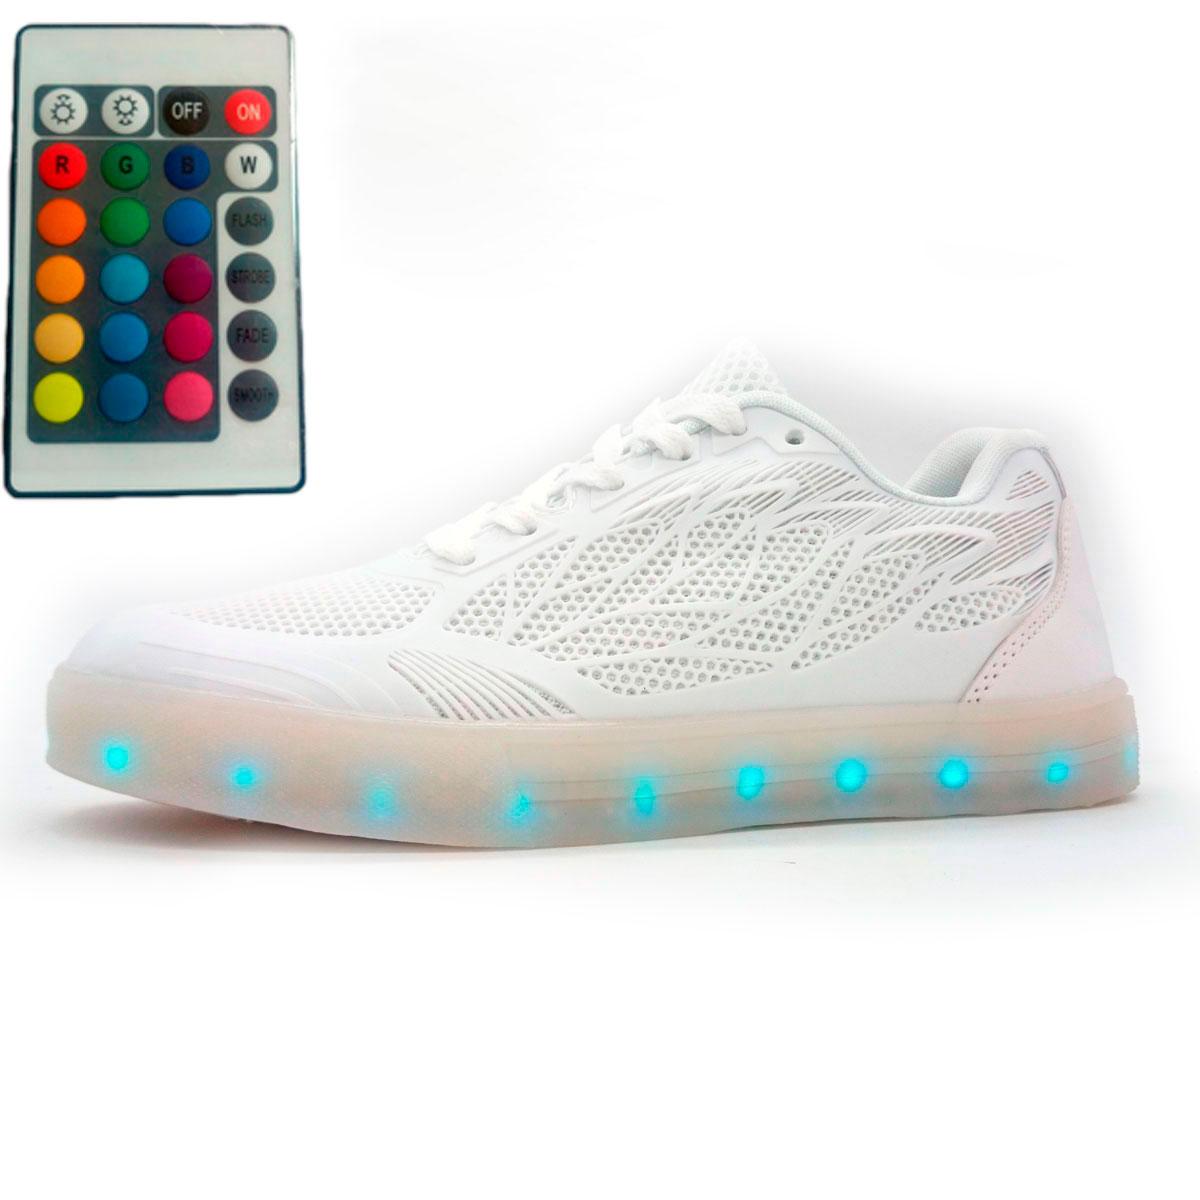 фото main Светящиеся кроссовки Led с пультом низкие белые сетка main